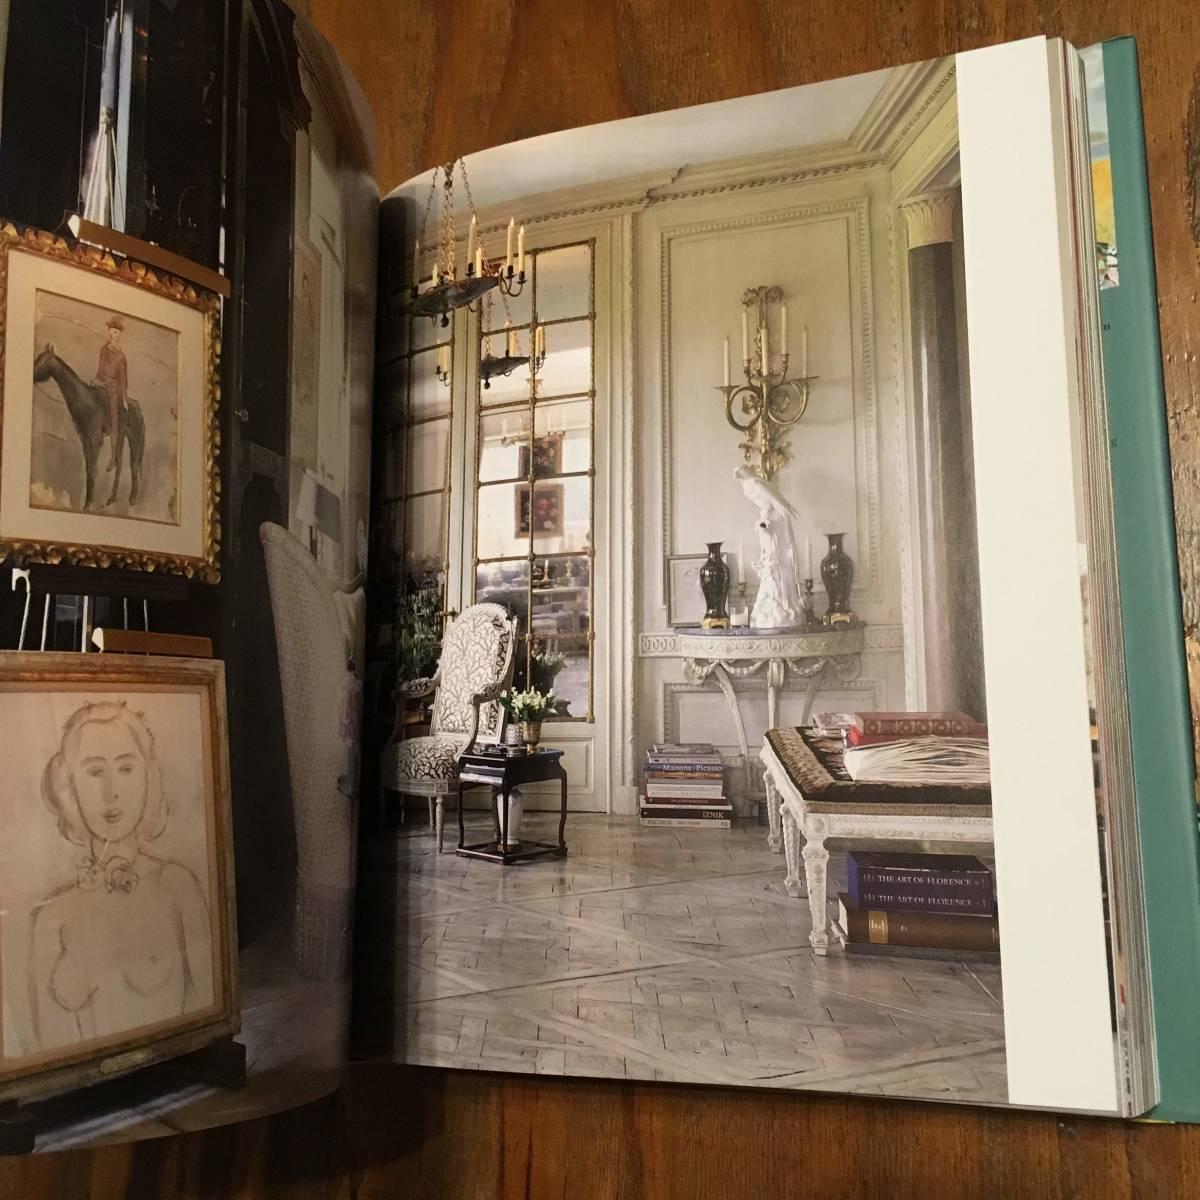 2018年 New York Splendor The City's Most Memorable Rooms Wendy Moonan Robert A.M Stern Rizzoli ニューヨーク luxury 部屋 デザイン_画像6